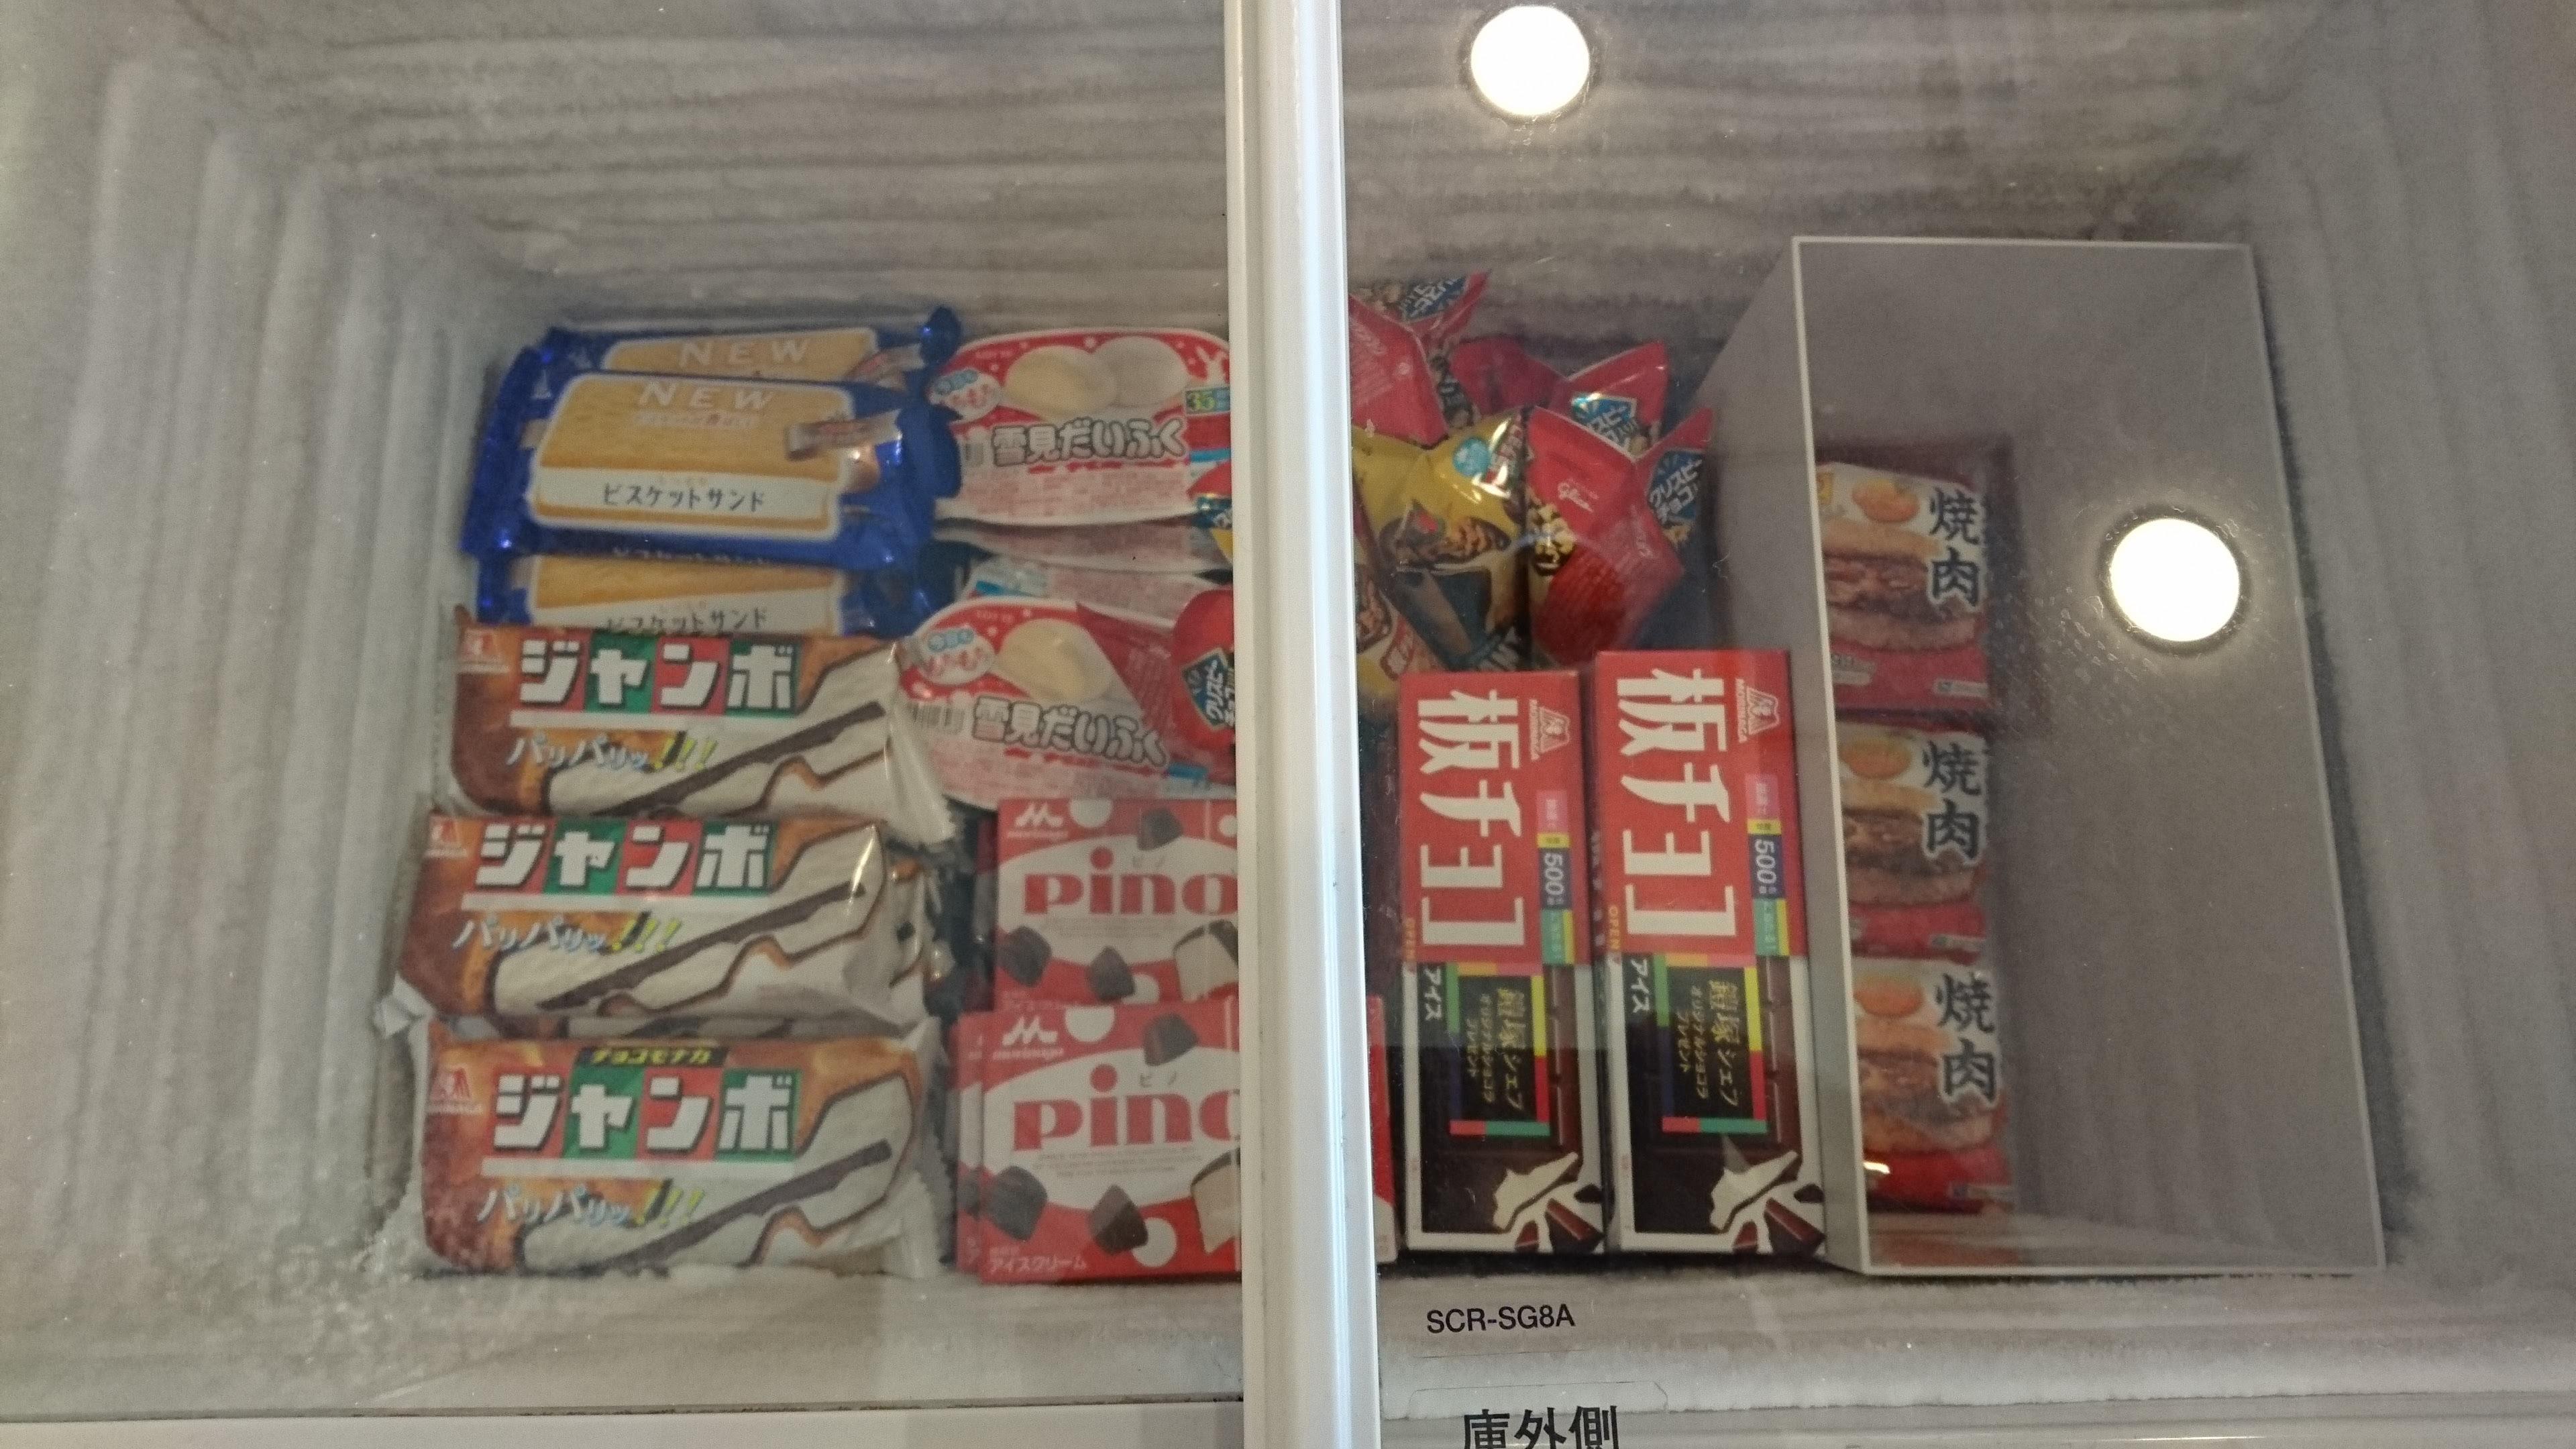 大和斎場で売っているアイスクリーム